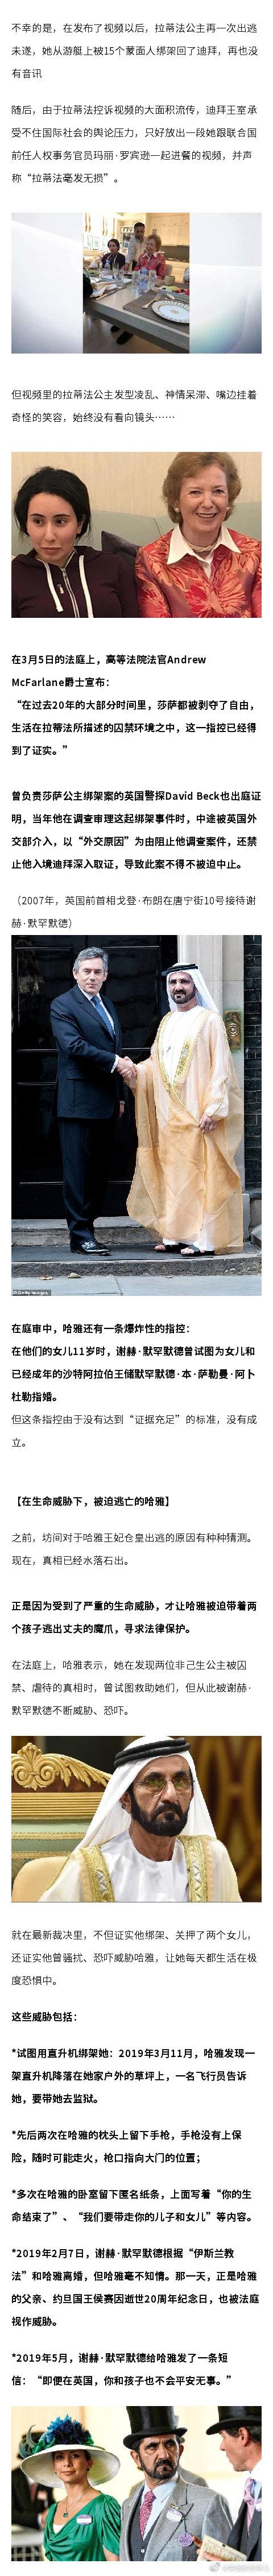 迪拜王妃带2.6亿跑路2020最新消息,事情果然没有这样简单 liuliushe.net六六社 第3张